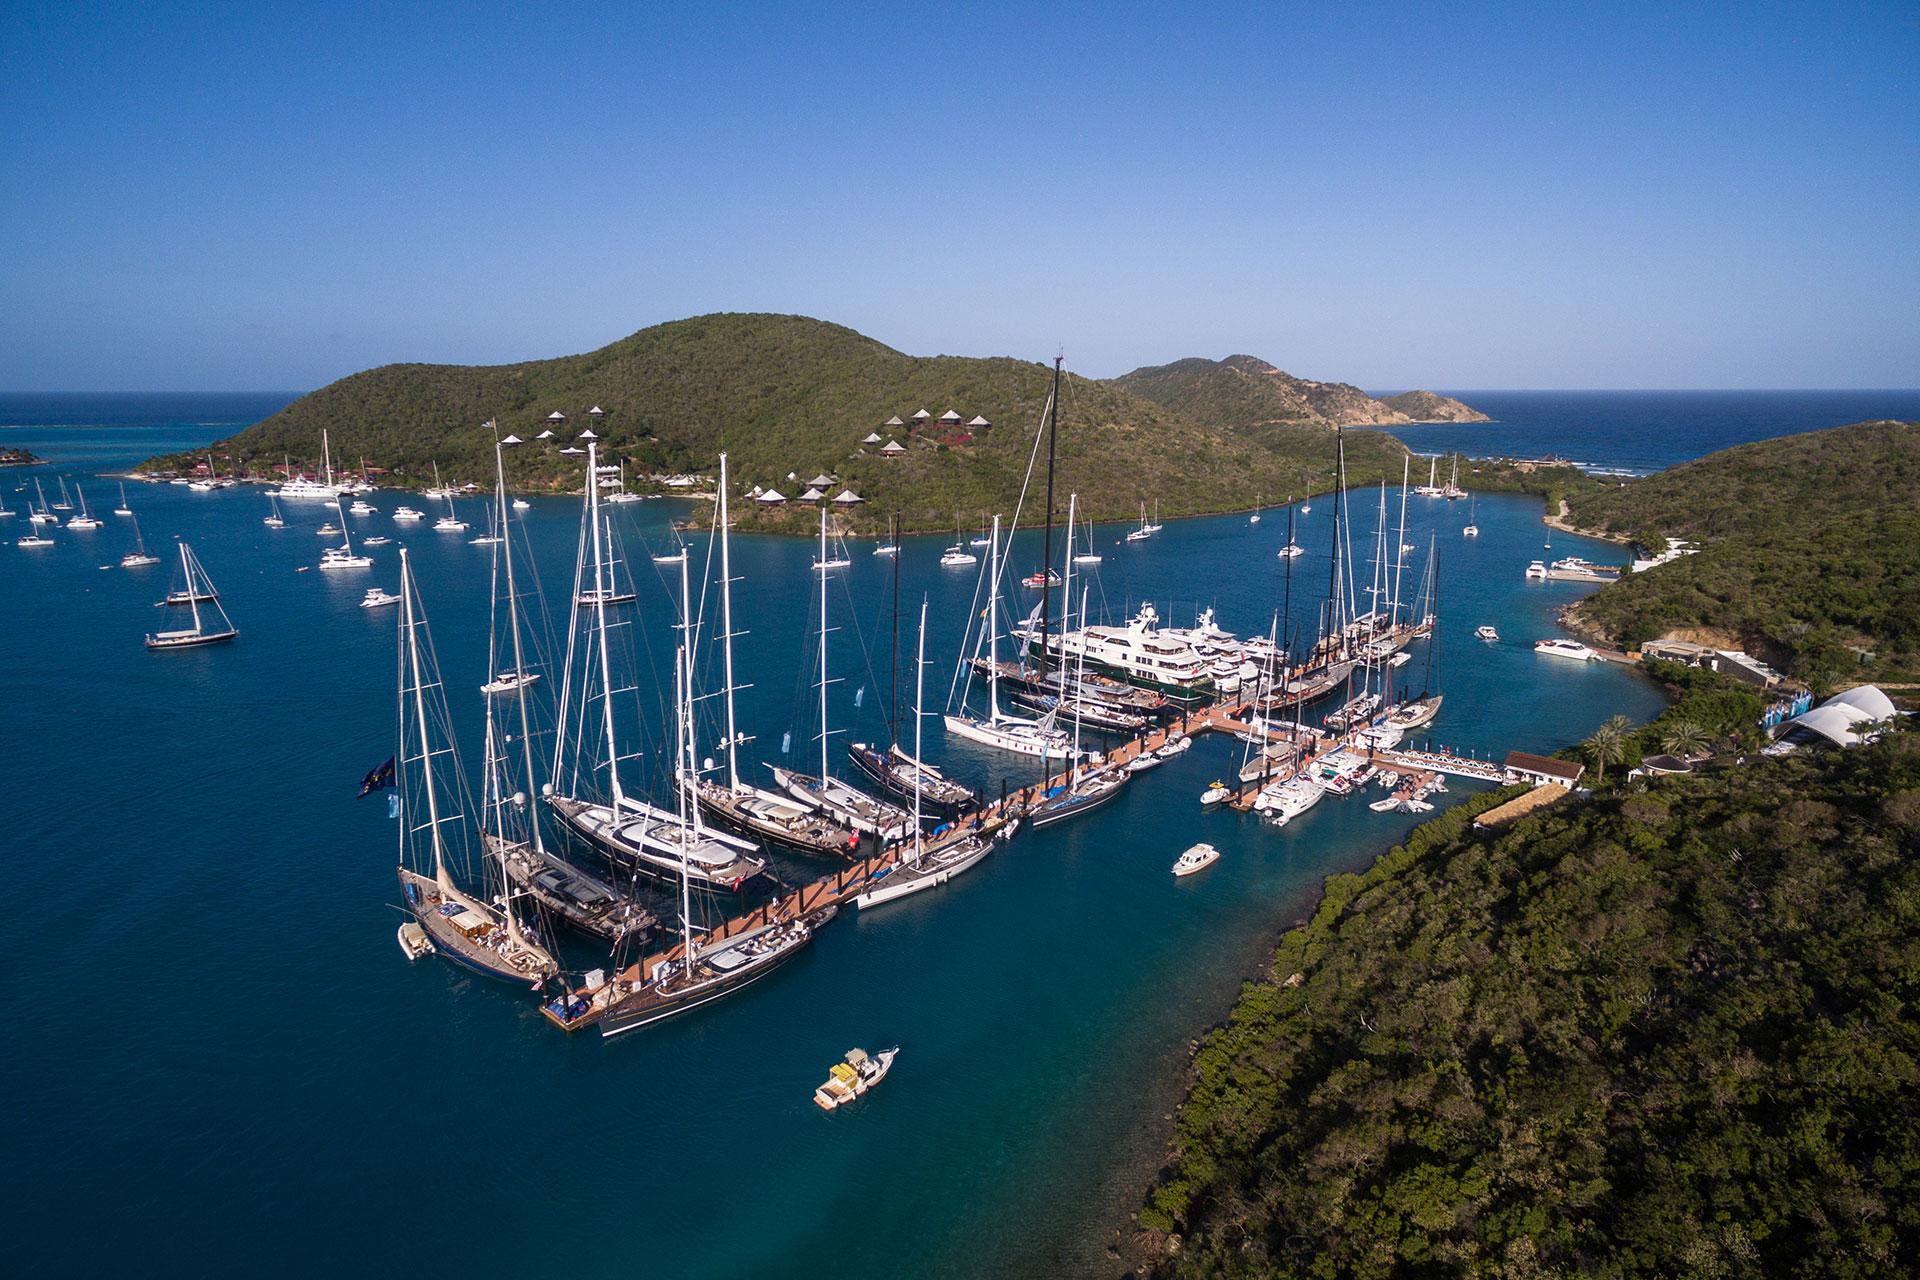 Yacht Club Costa Smeralda - Virgin Gorda - Home dc7a16d1bb7